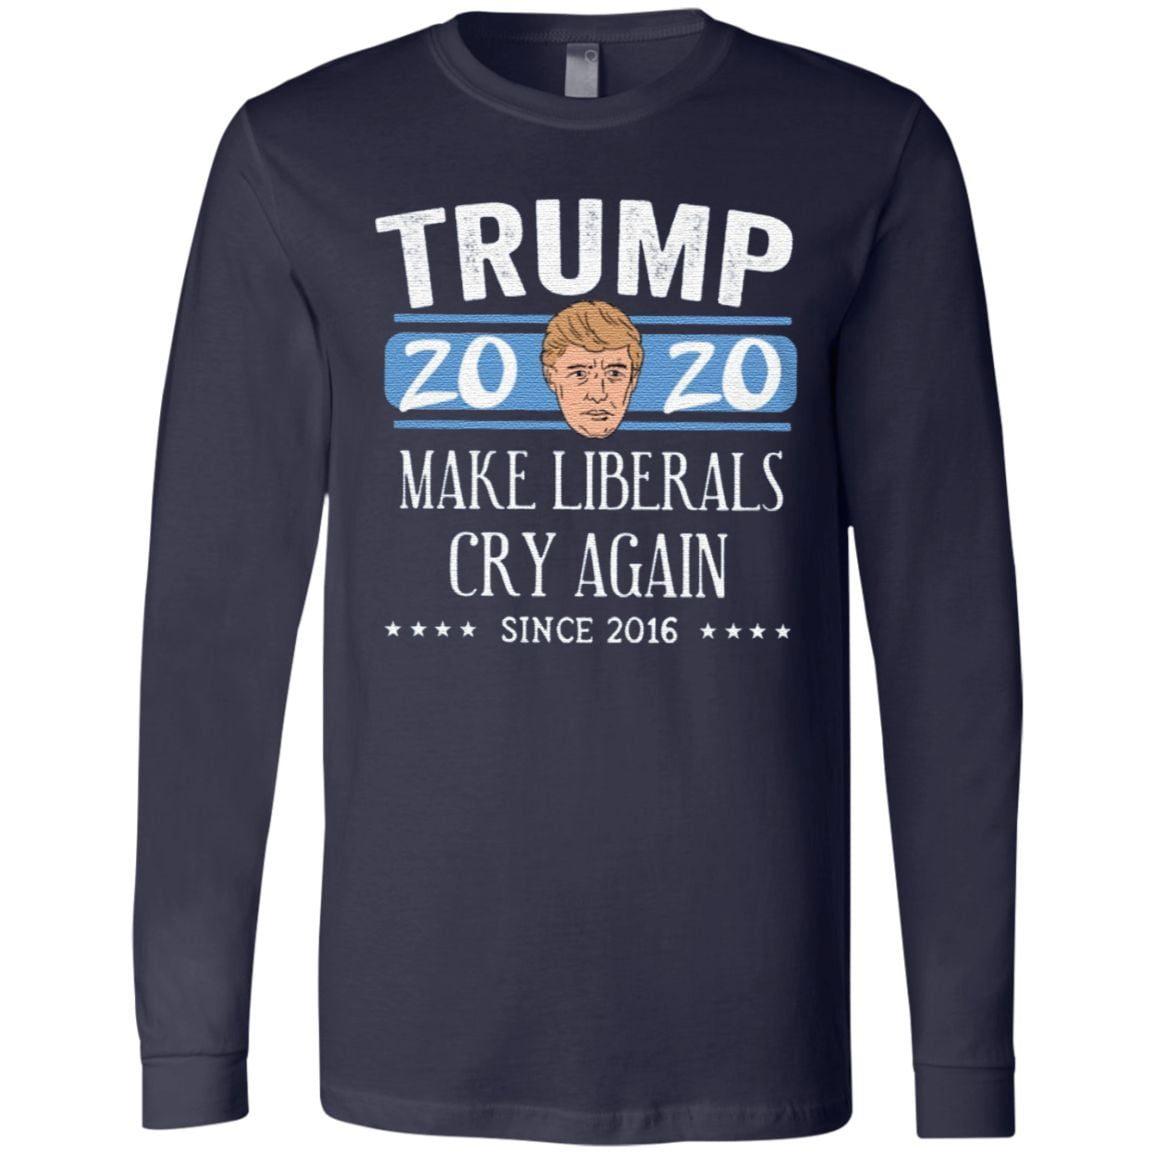 Trump 2020 Make Liberals Cry Again Since 2016 T Shirt